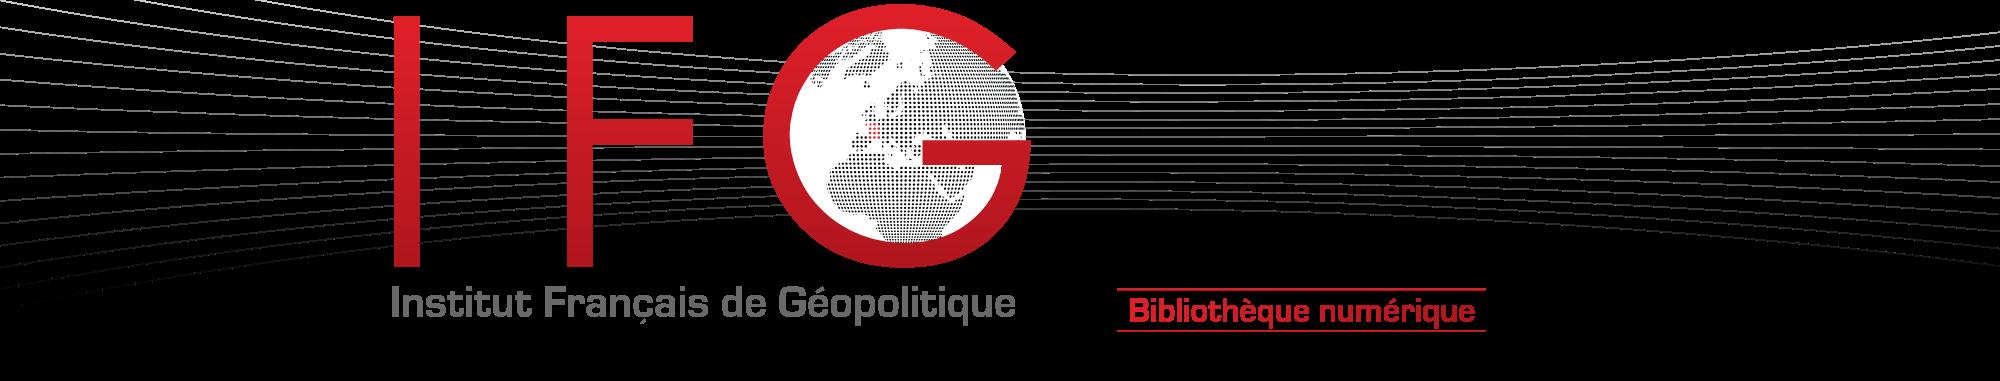 IFG —Bibliothèque des thèses et mémoires